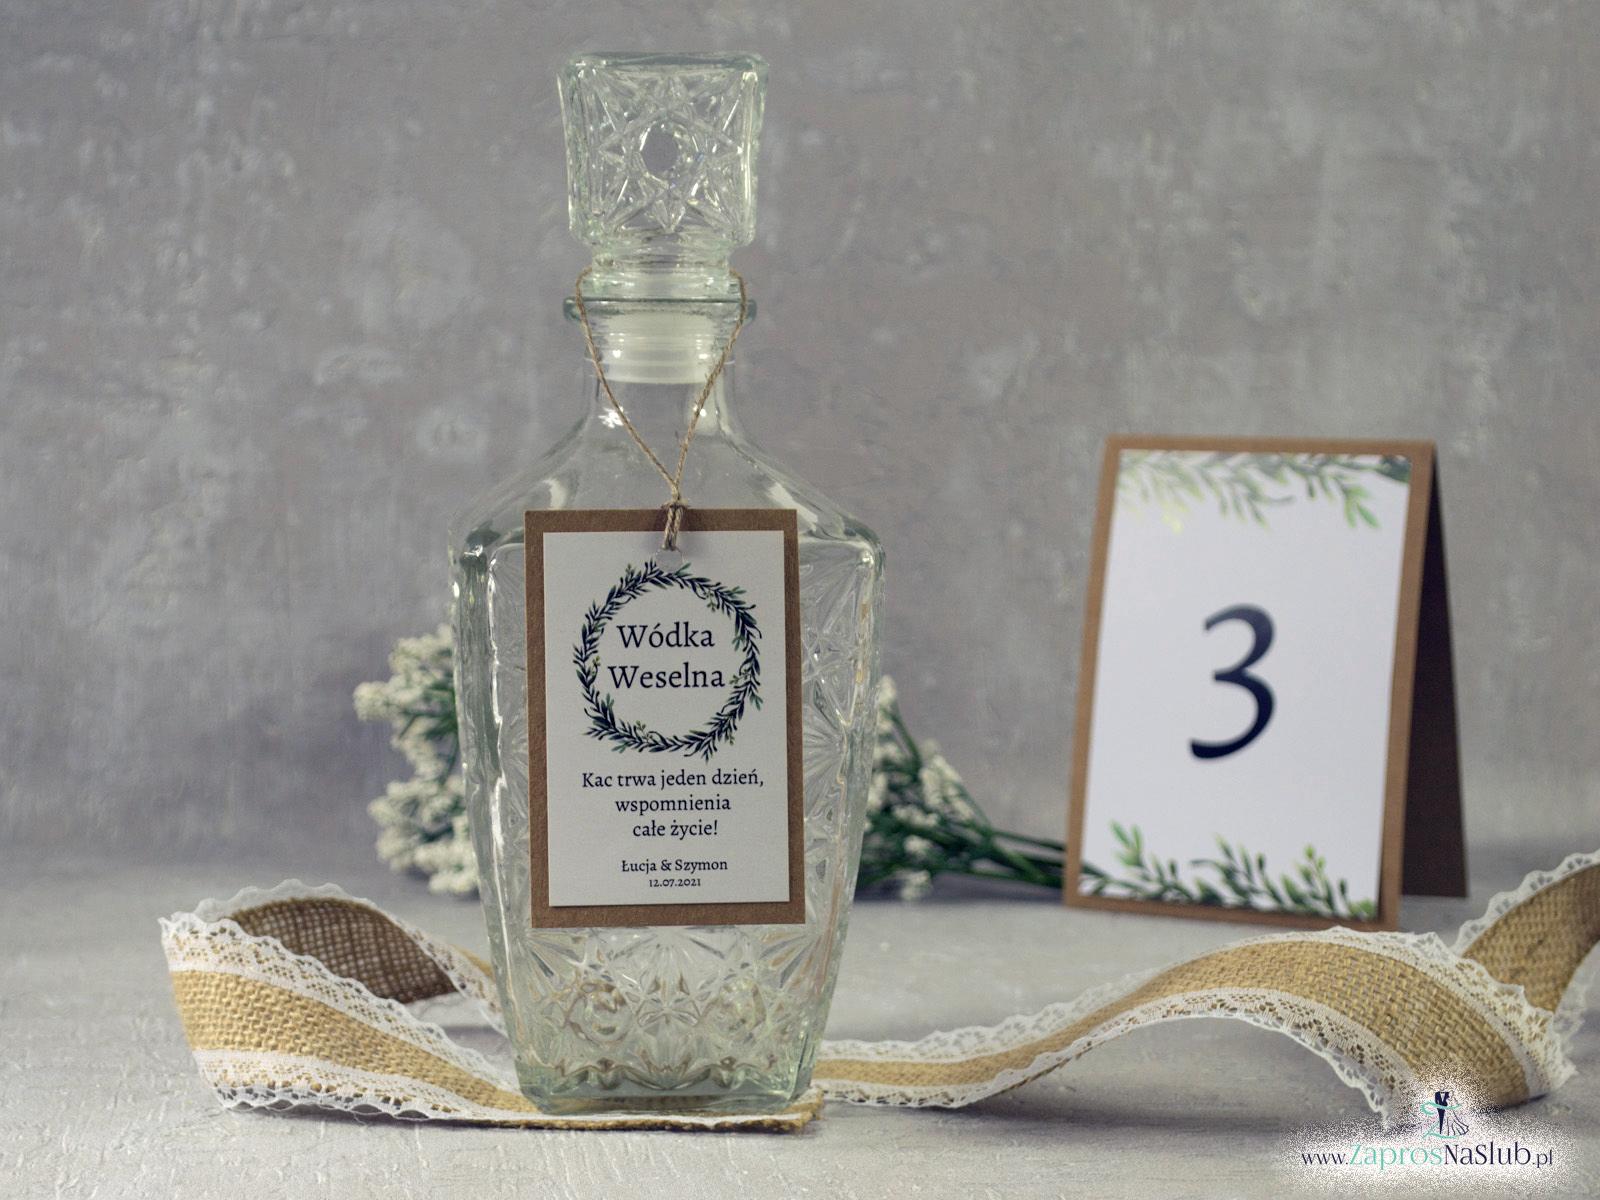 Rustykalne zawieszki na alkohol eko z motywem wianka z zielonych liści, przyklejanym motywem tekstowym i sznurkiem jutowym ZAW-111-1